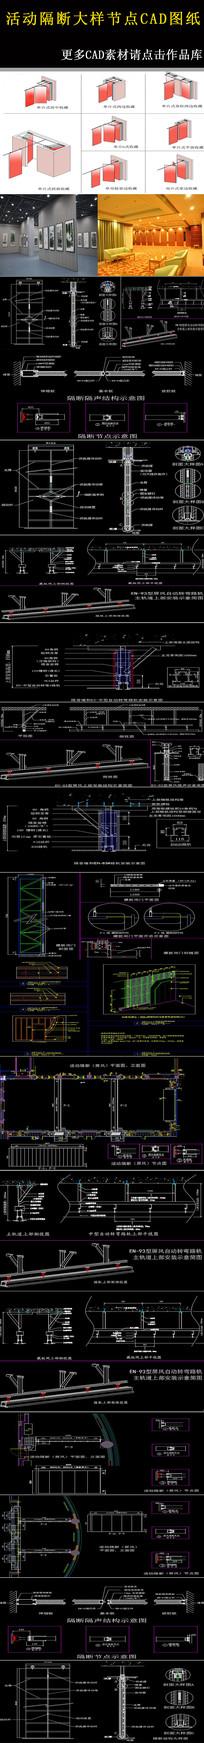 活动隔断大样节点CAD施工图